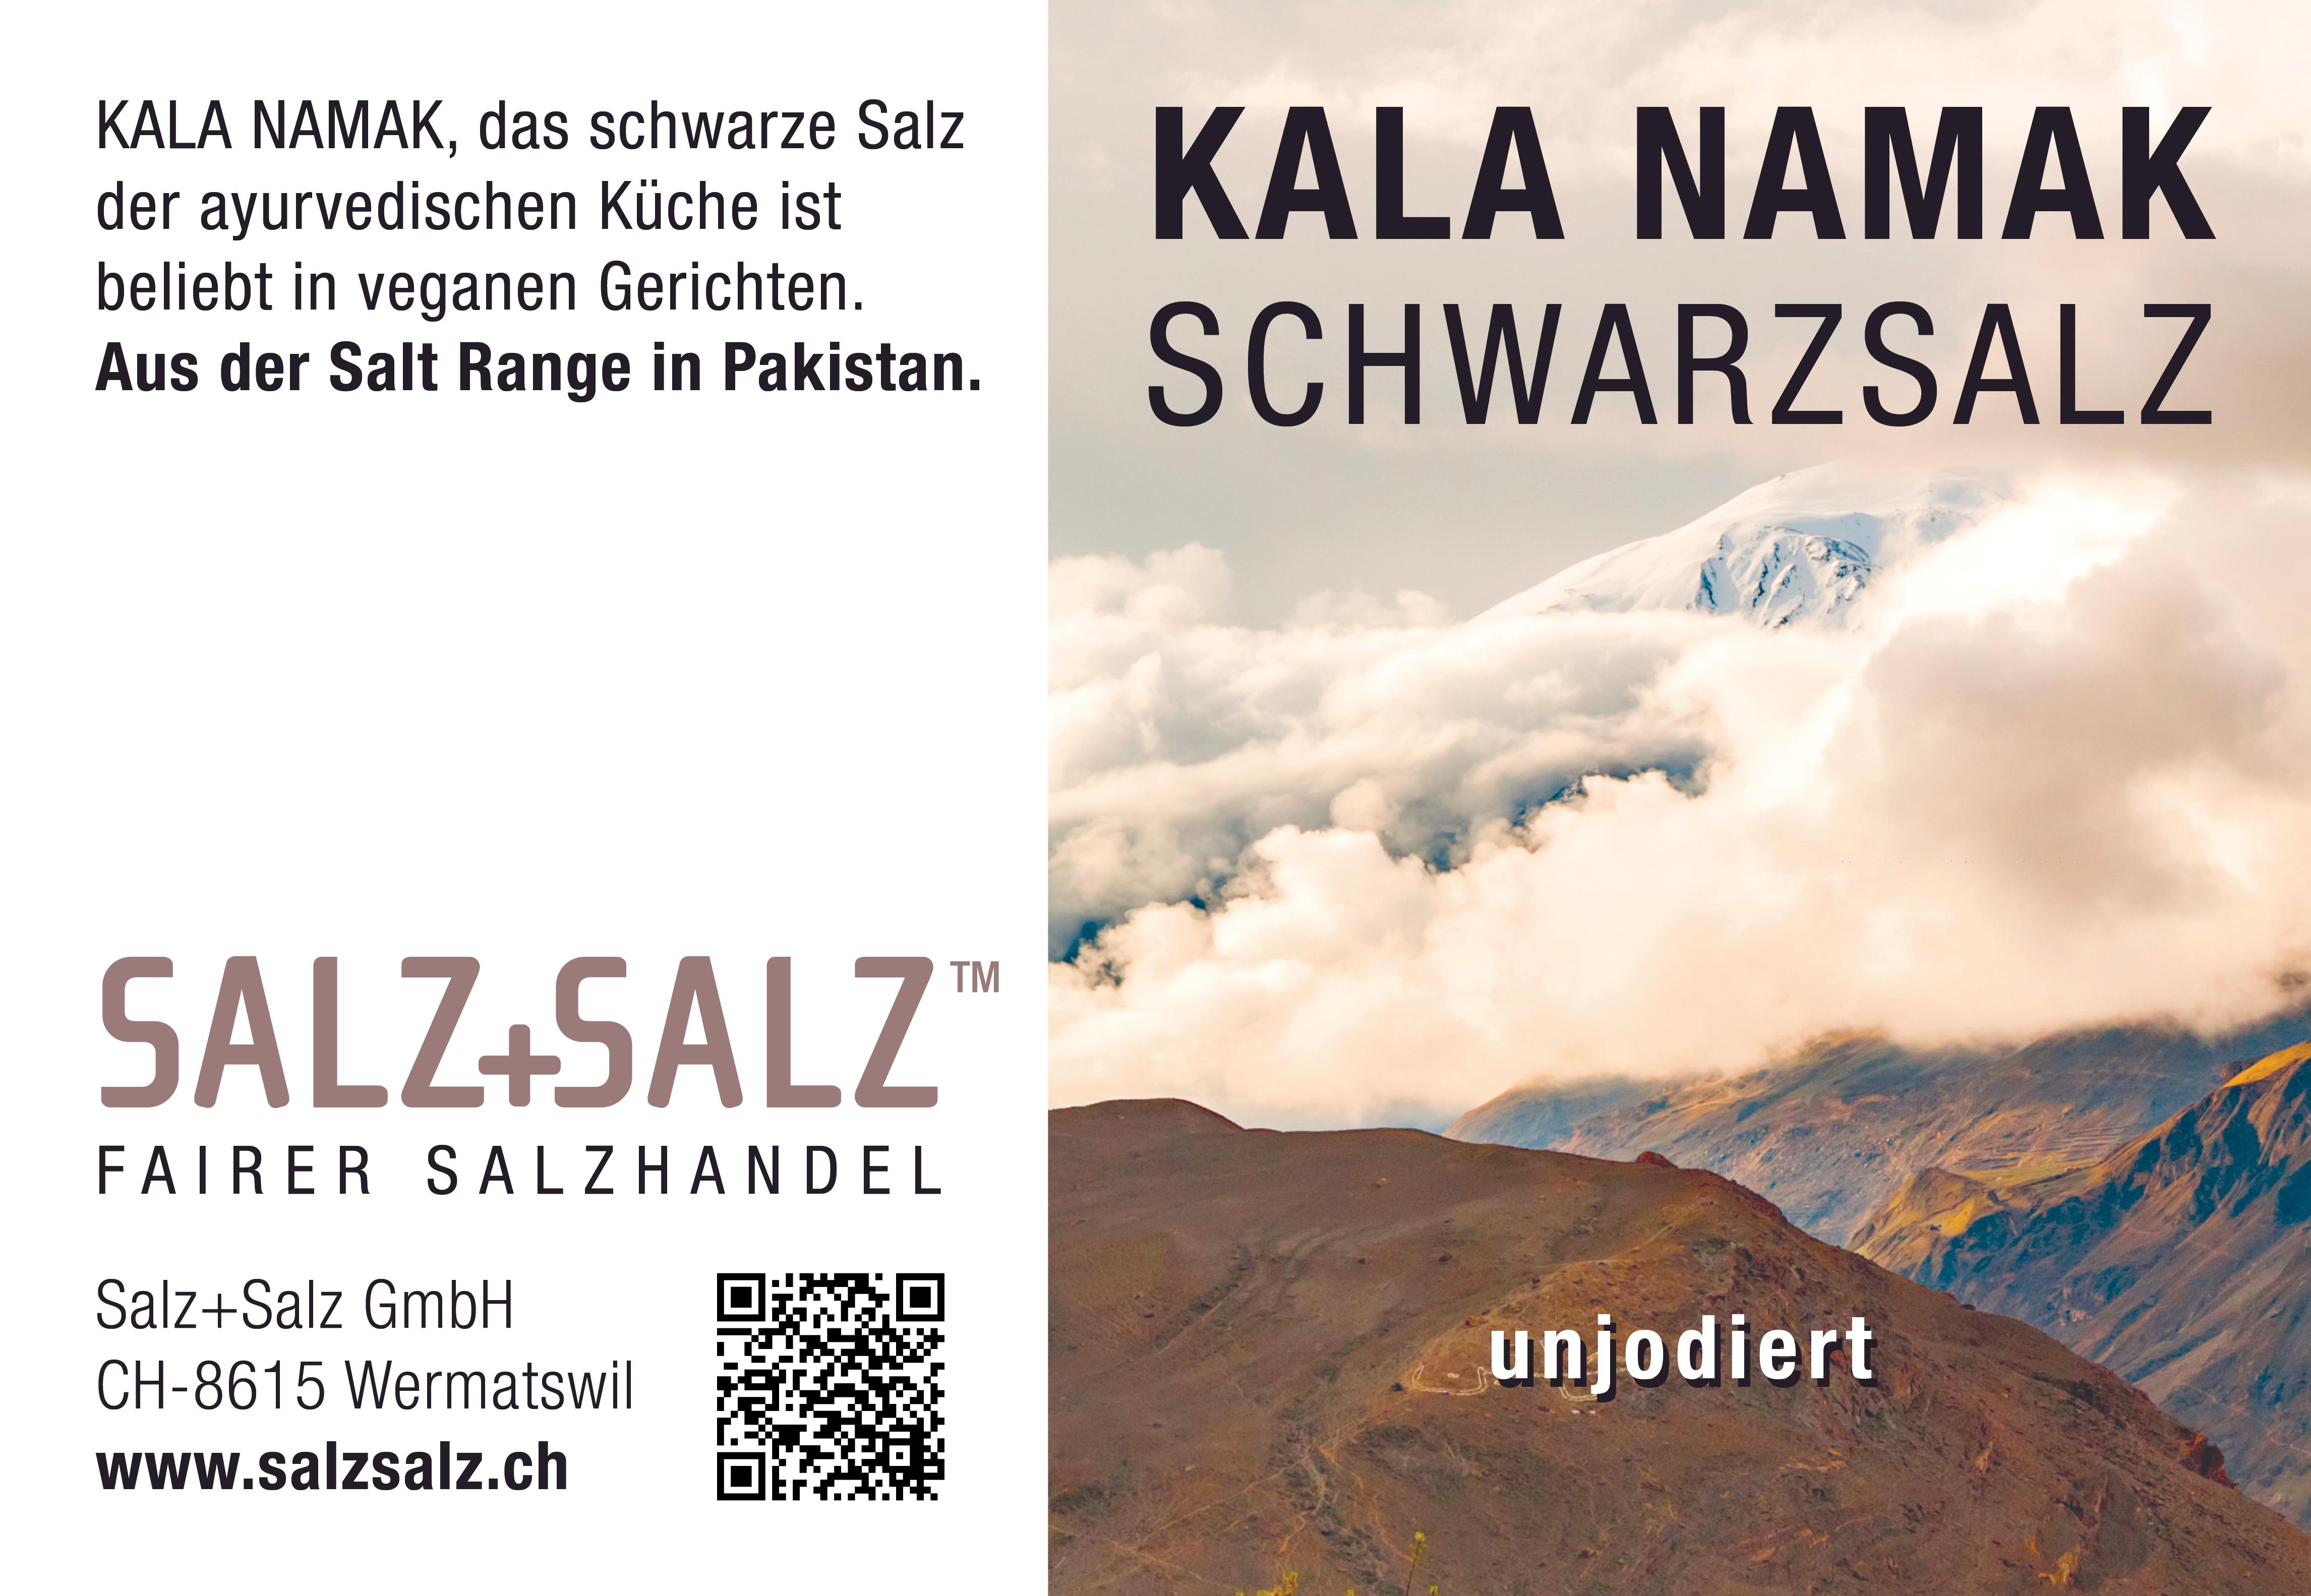 Etikette Kala Namak Salz